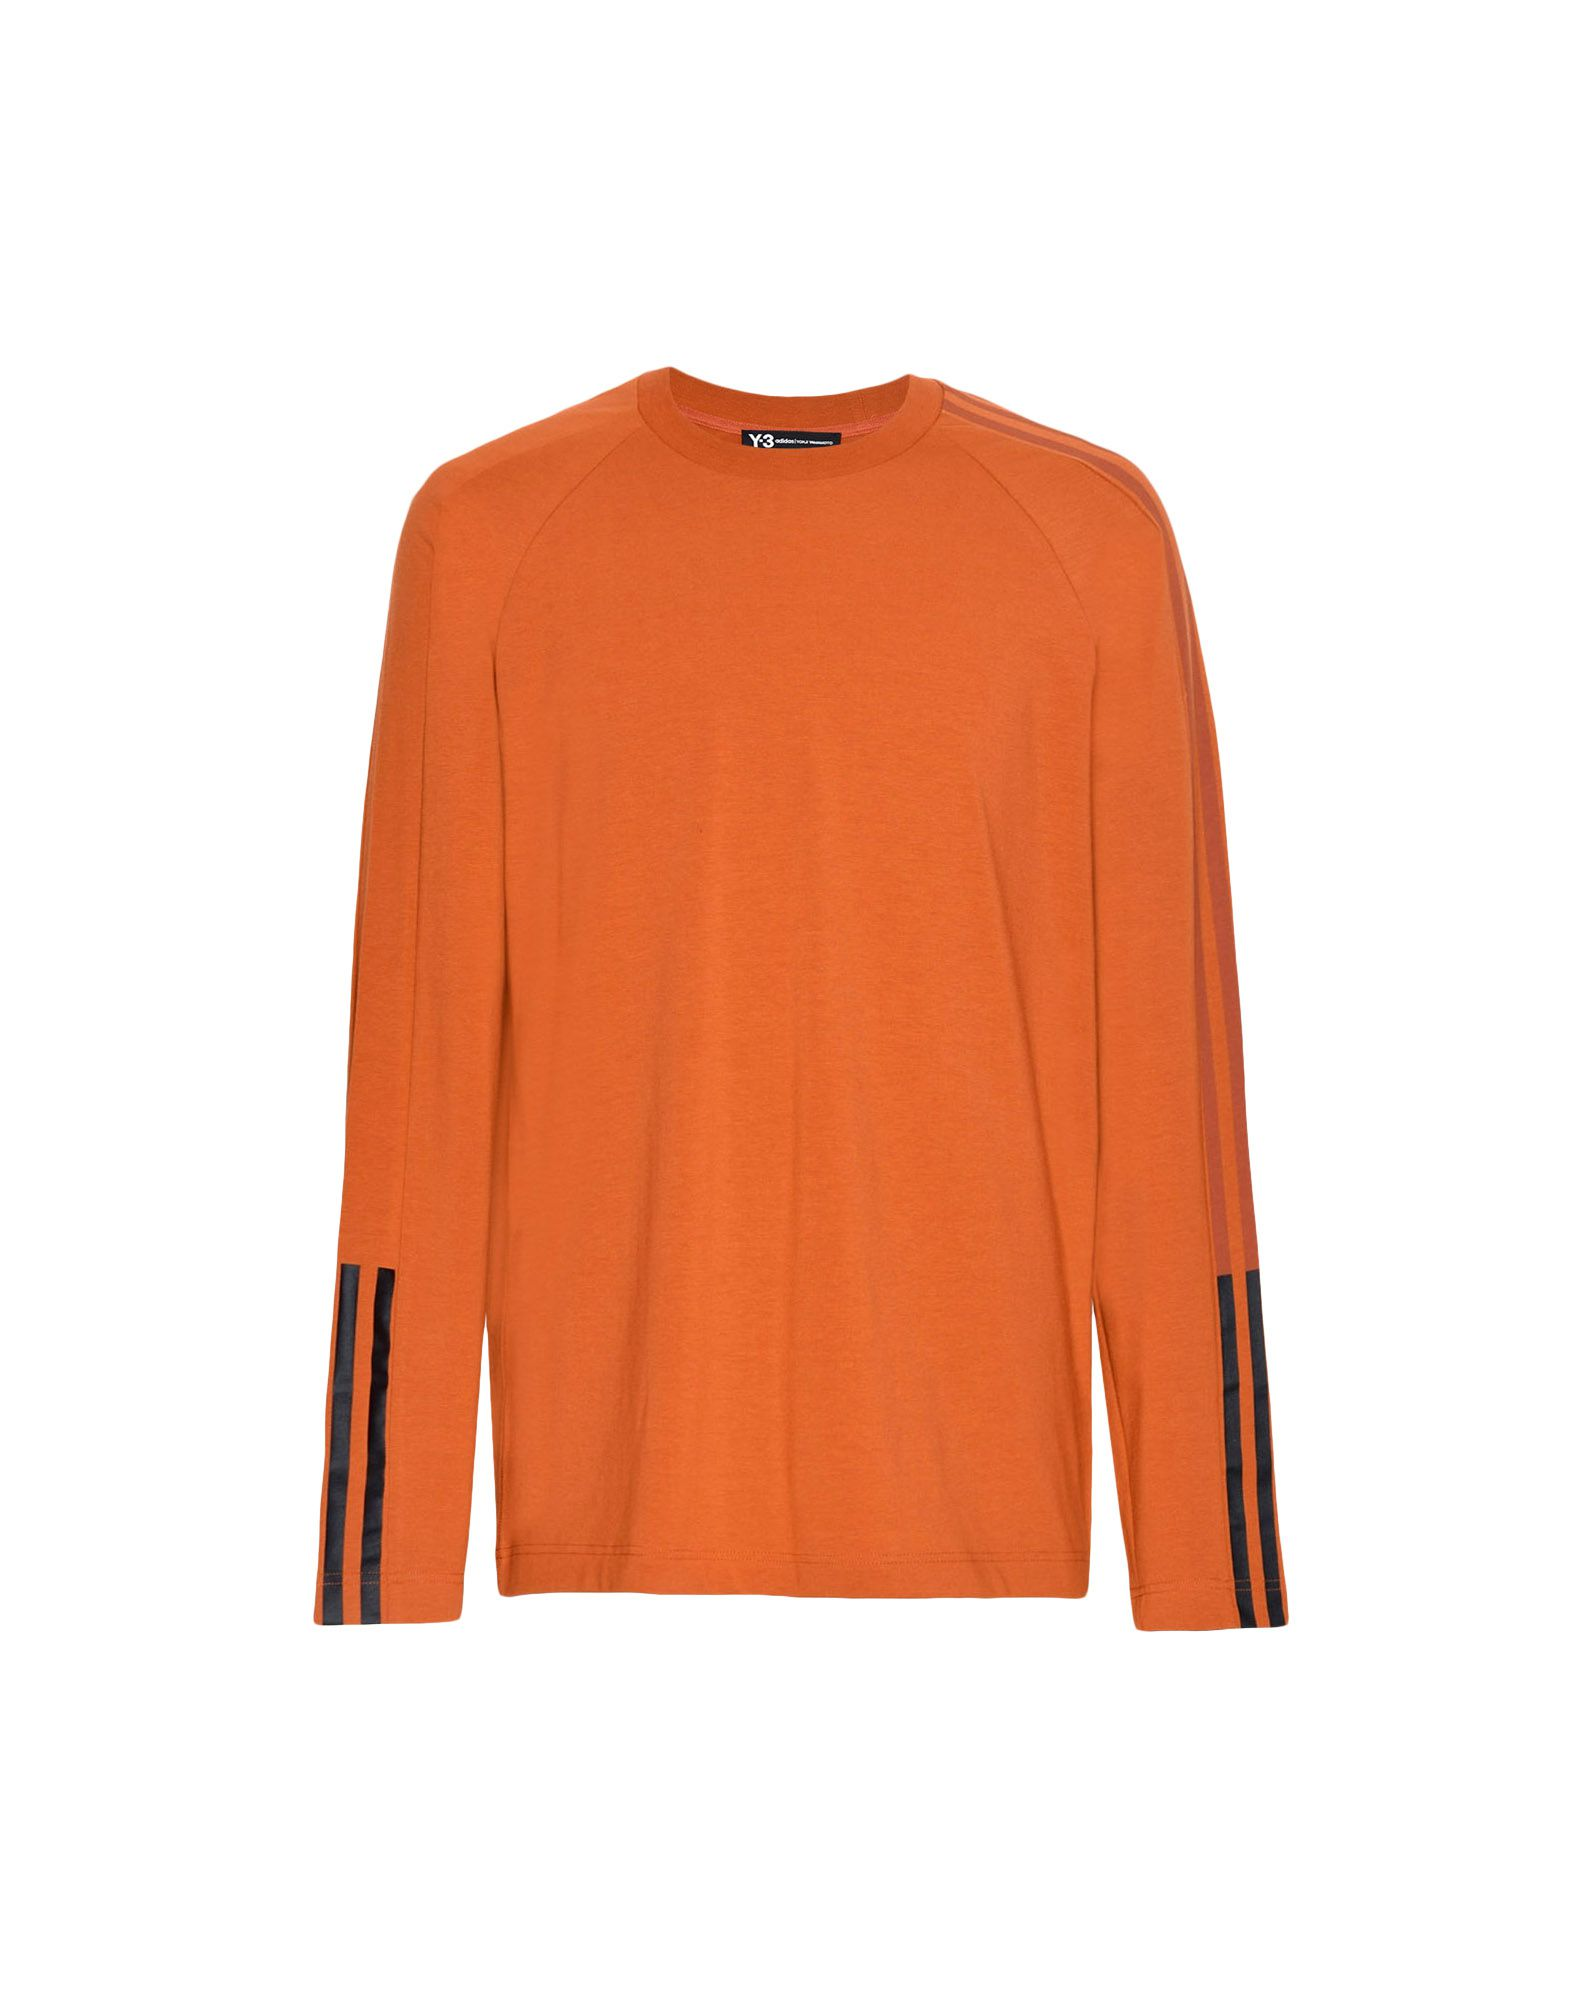 Y-3 Y-3 3-Stripes Tee Long sleeve t-shirt Man f